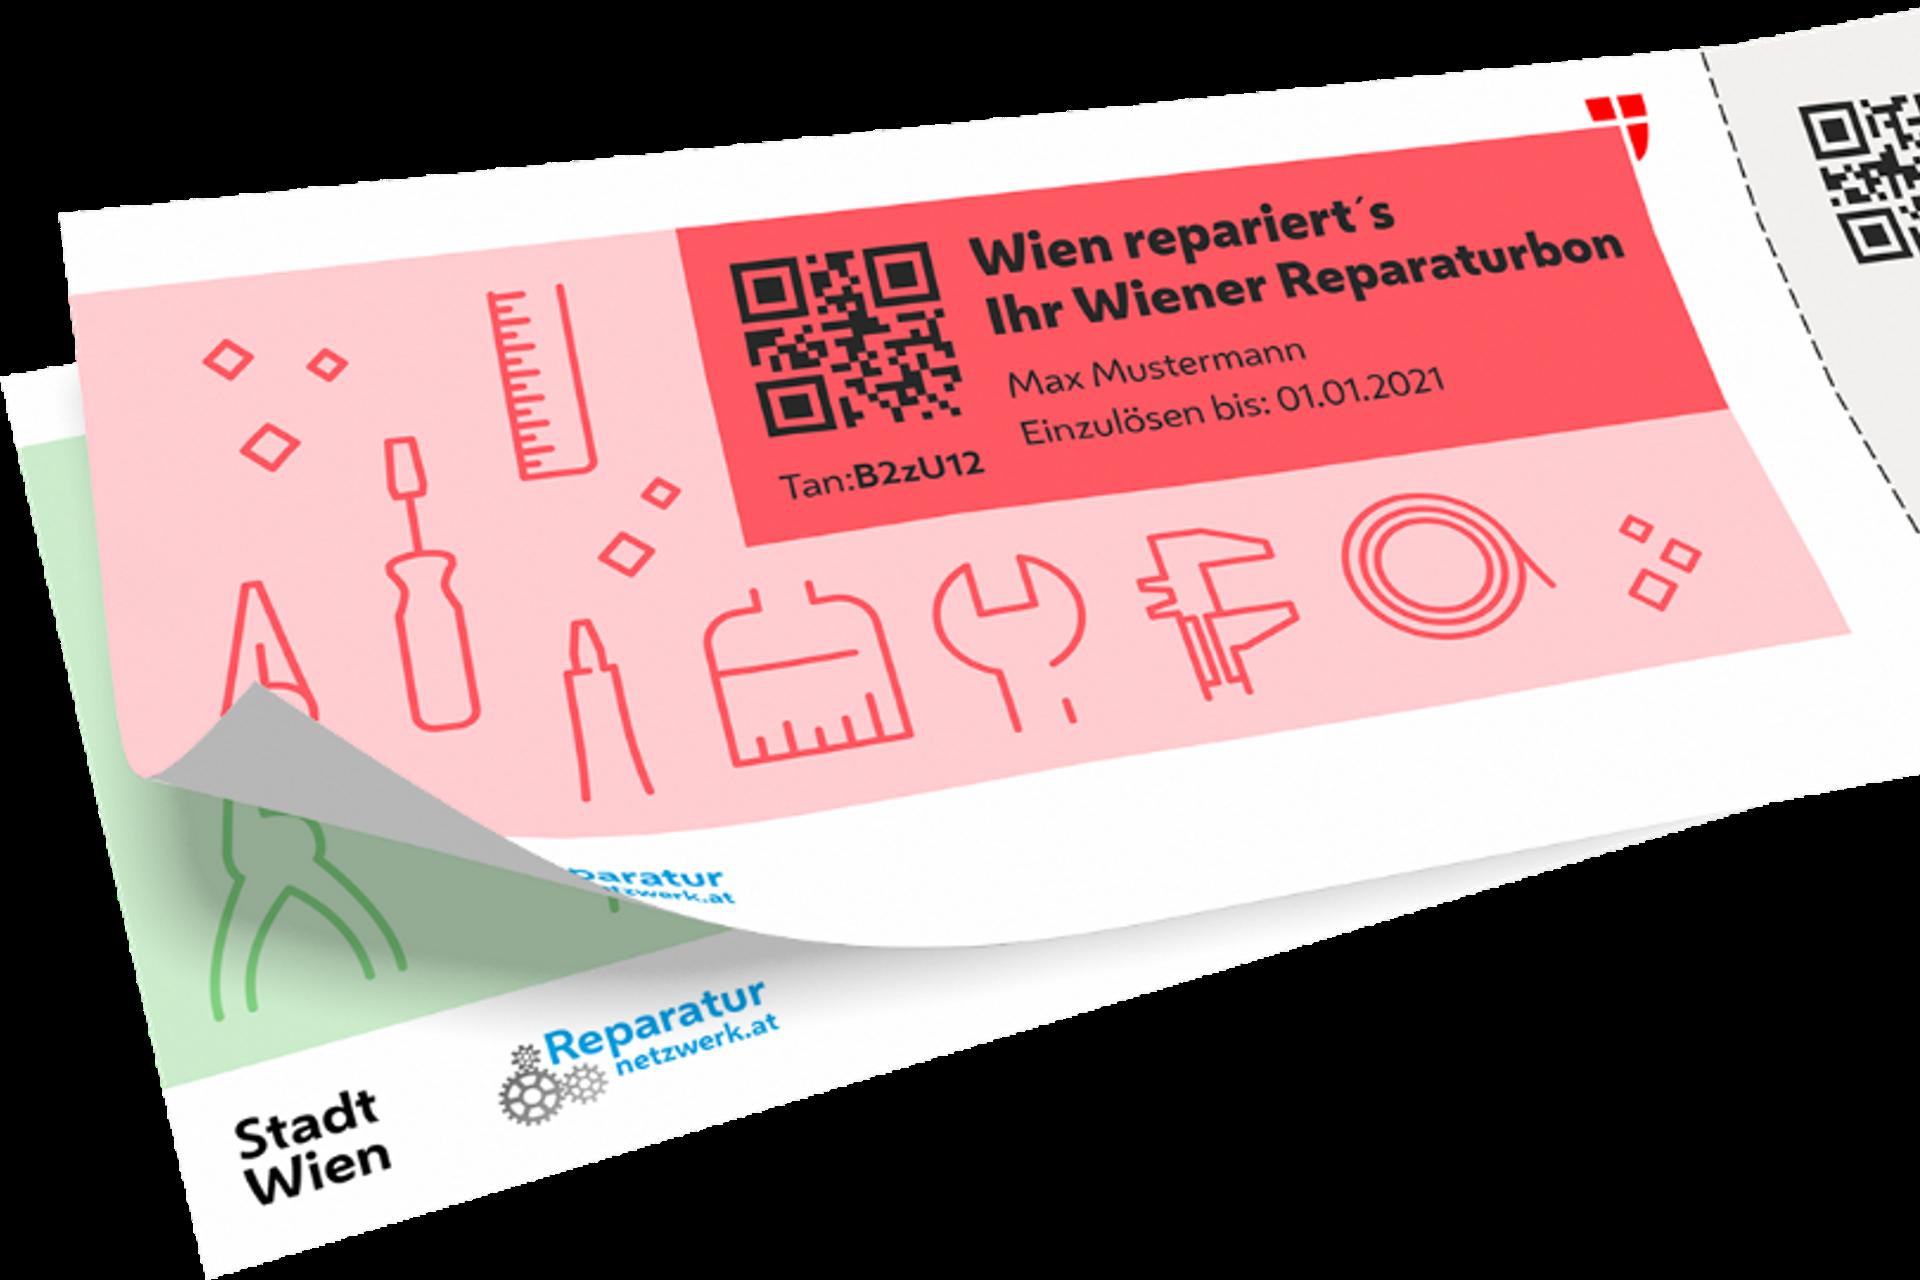 Bécsi utalvány a javításokhoz